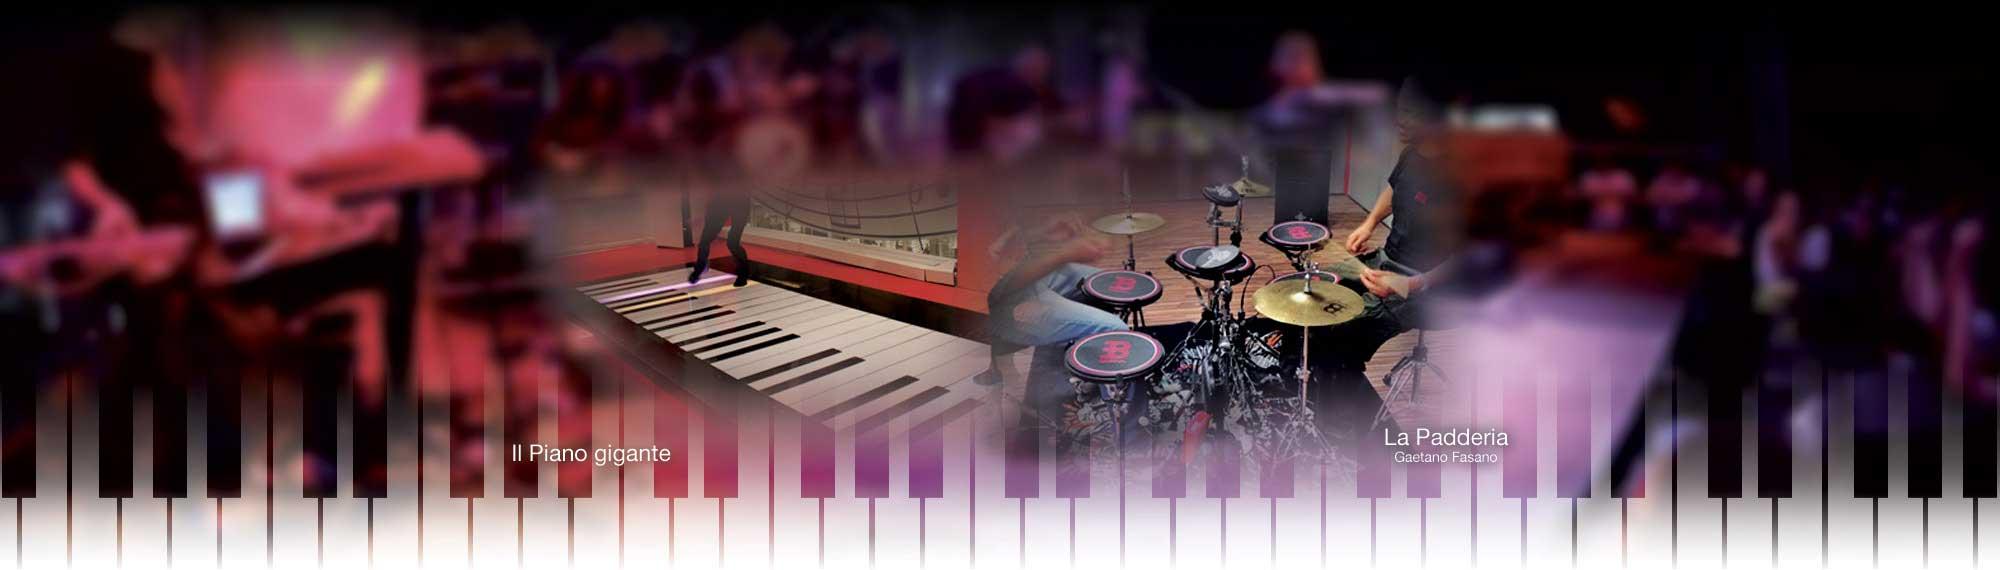 sfondo_pianogigante_padderia_home